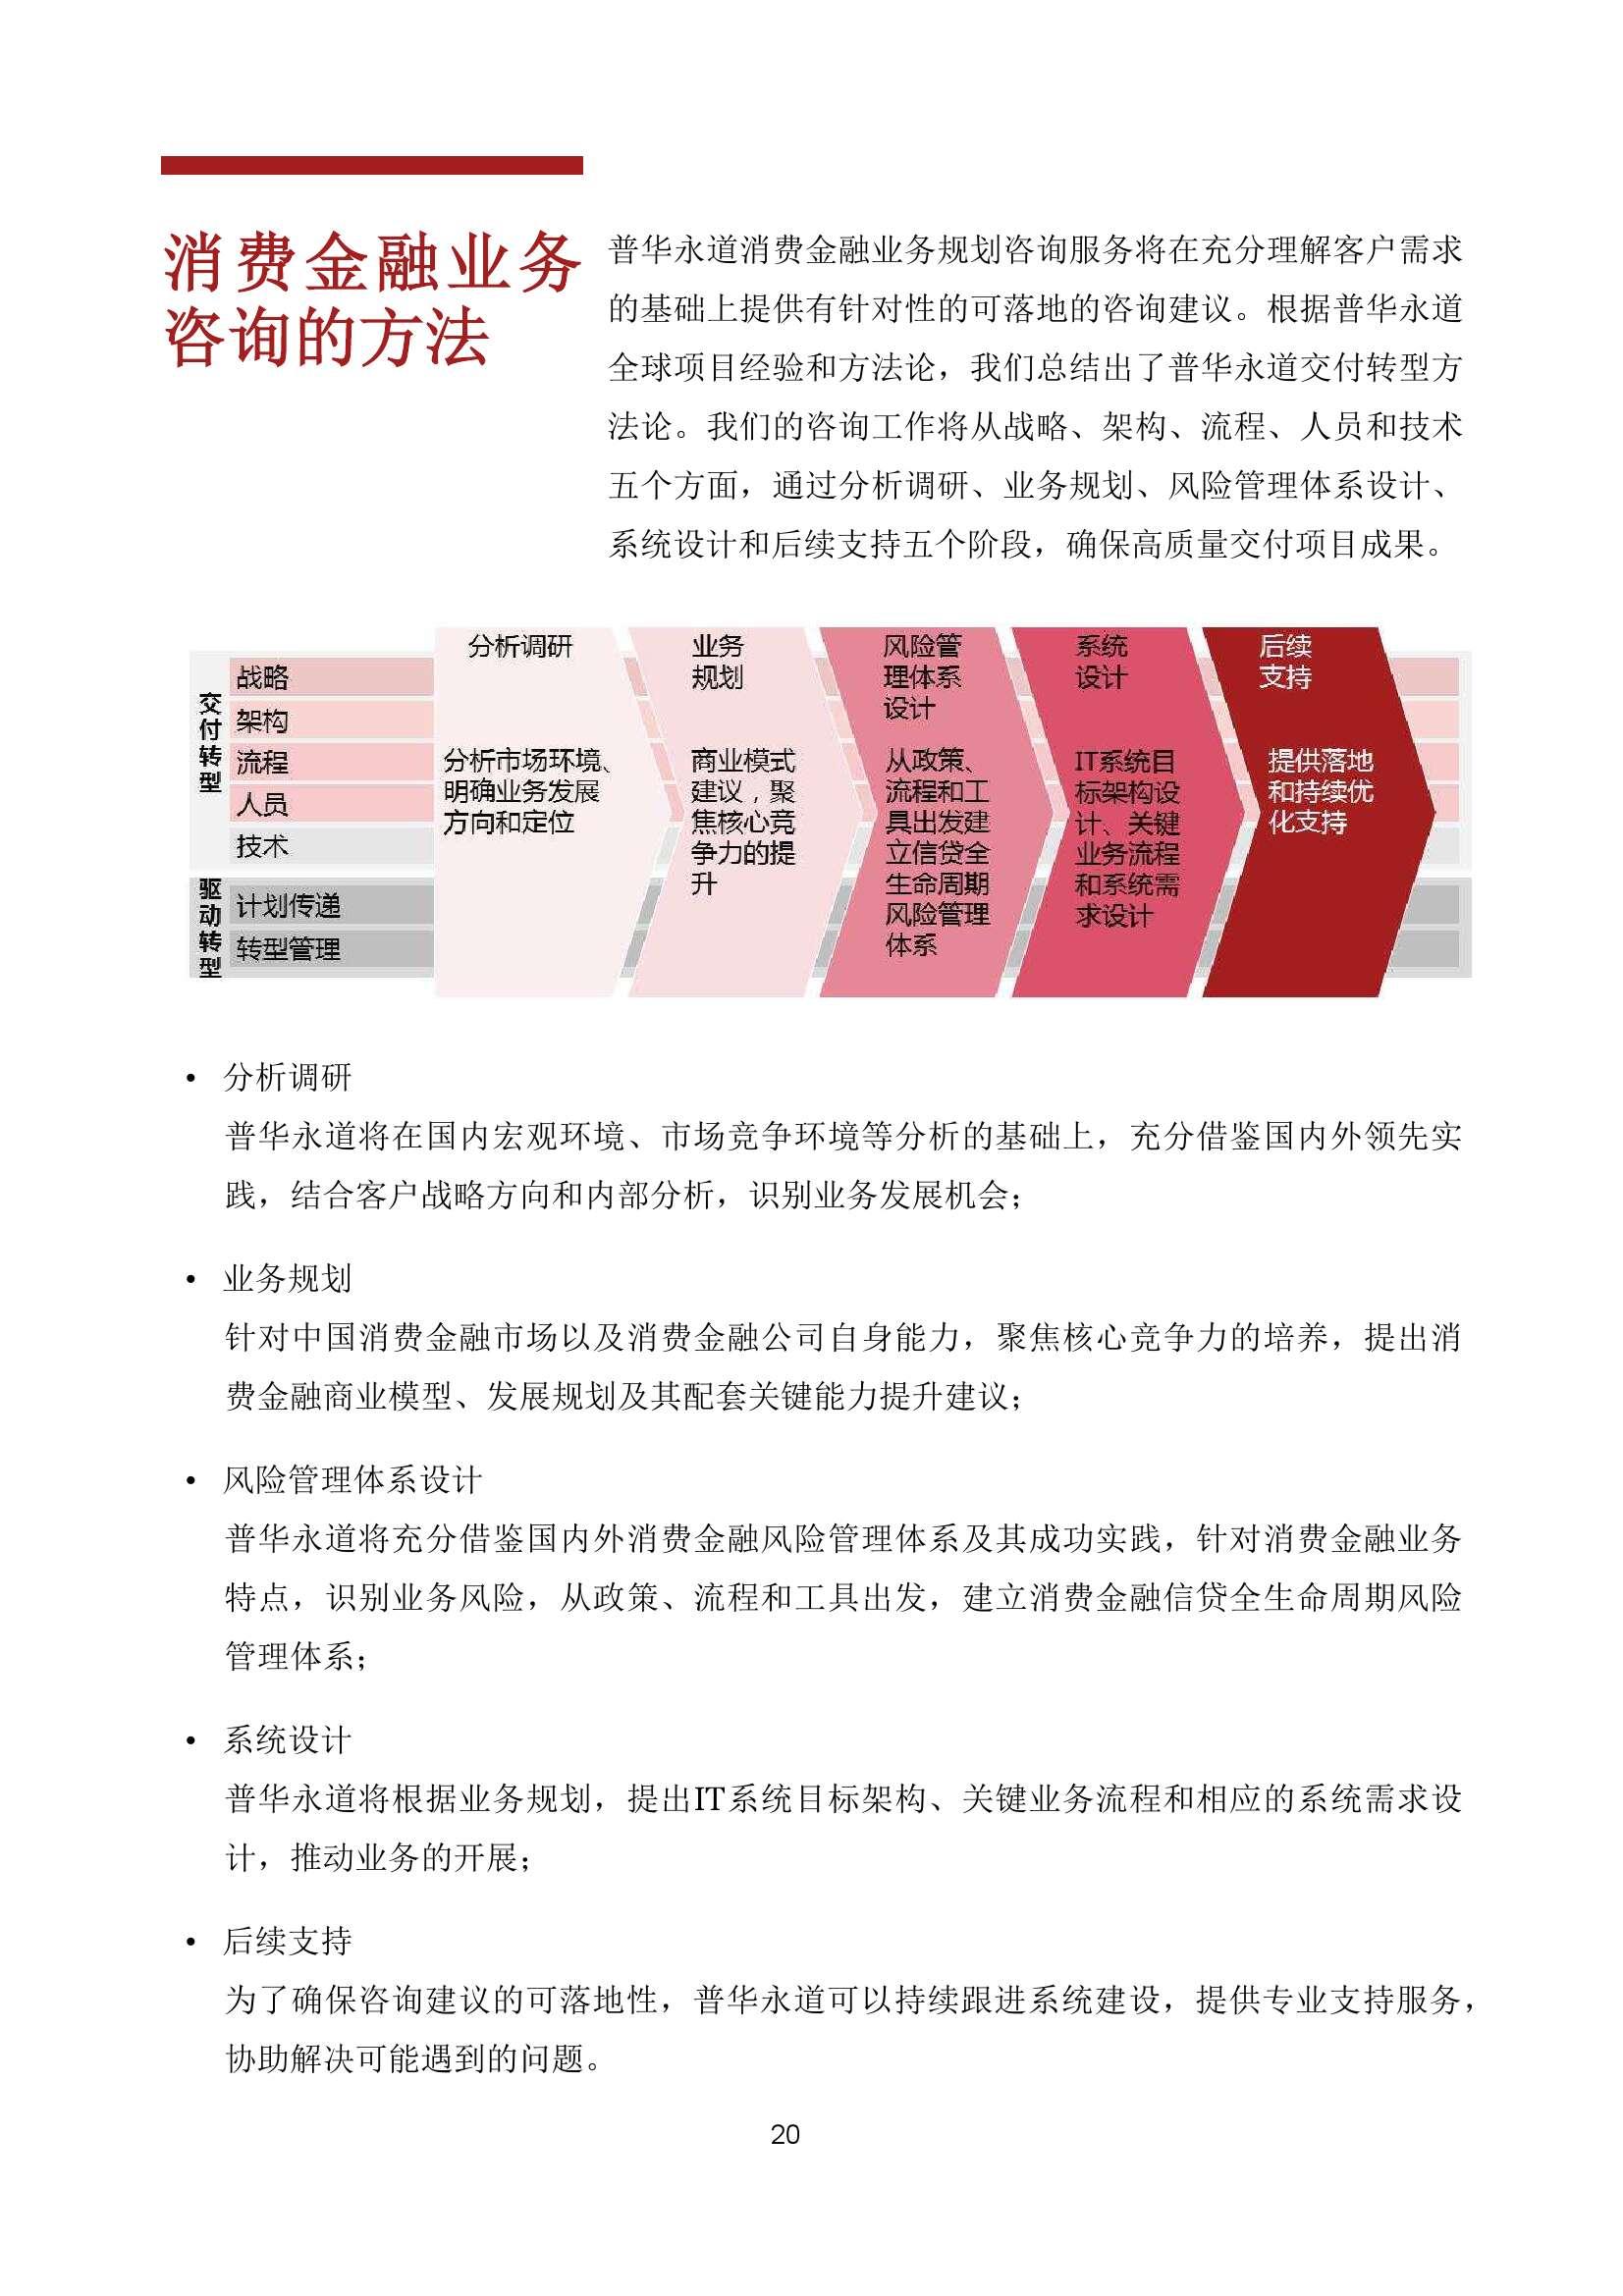 中国零售银行的蓝海_000020